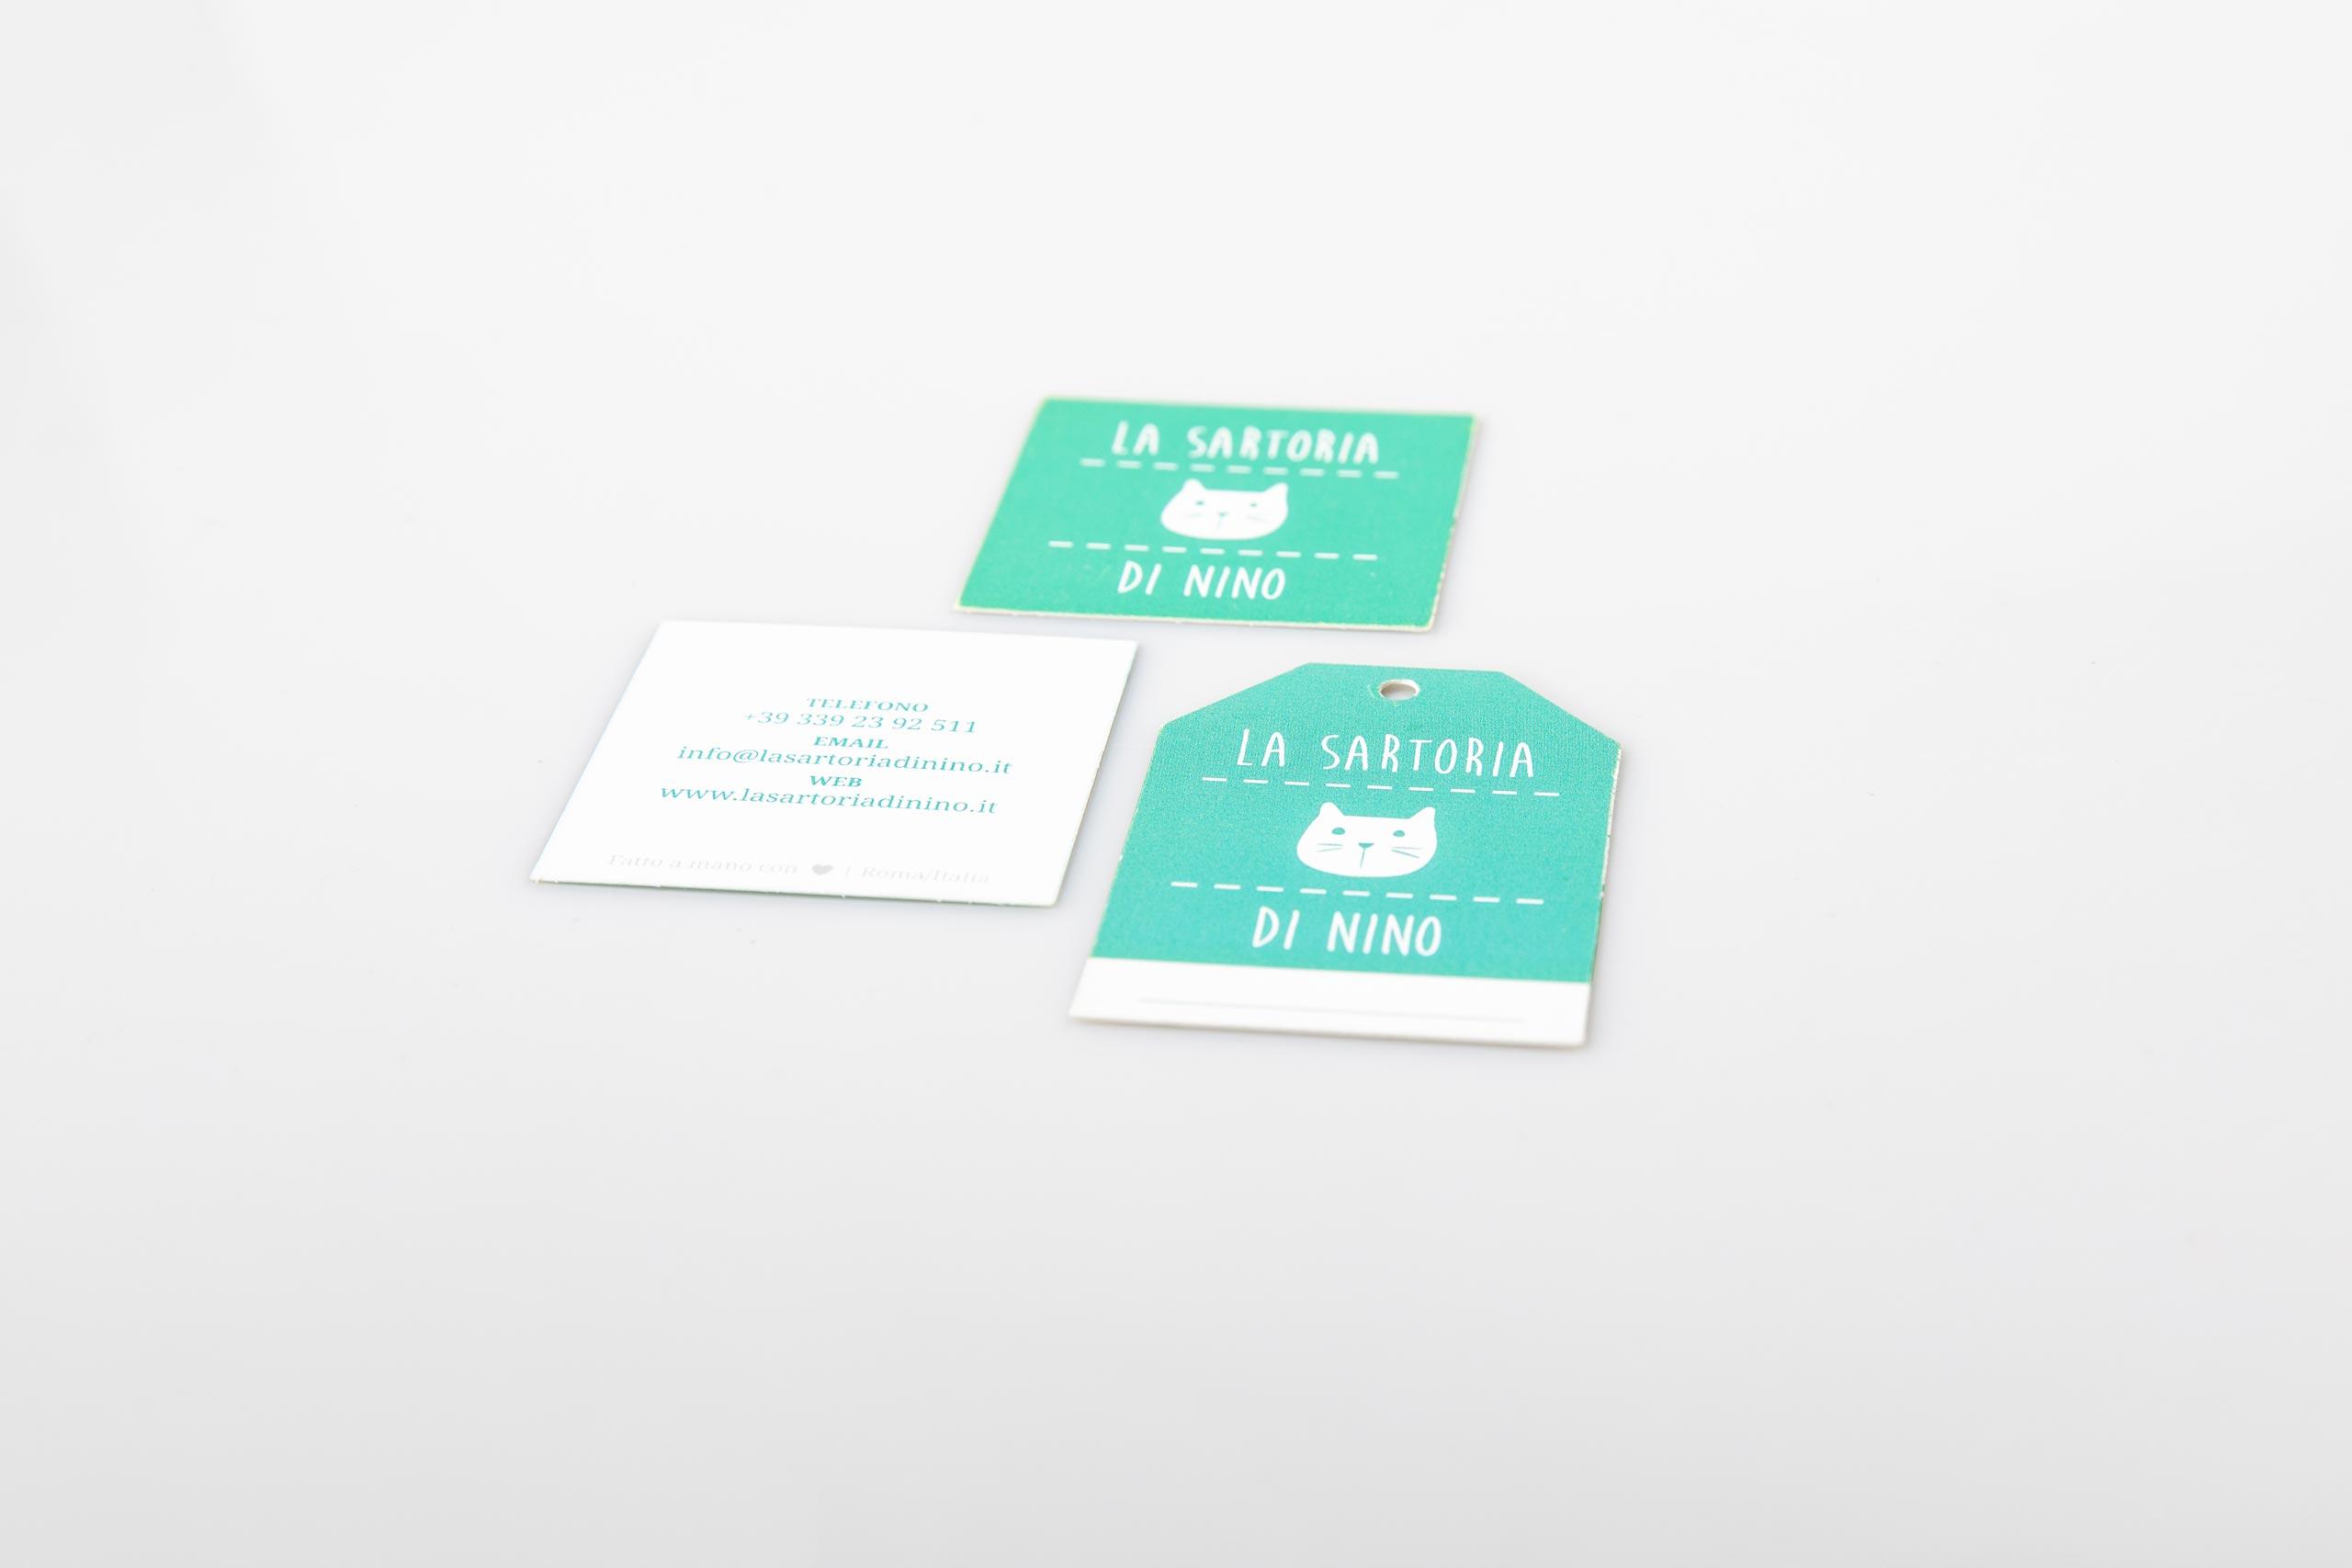 bouncy-particle-comunicazione-marketing-sartoria-nino